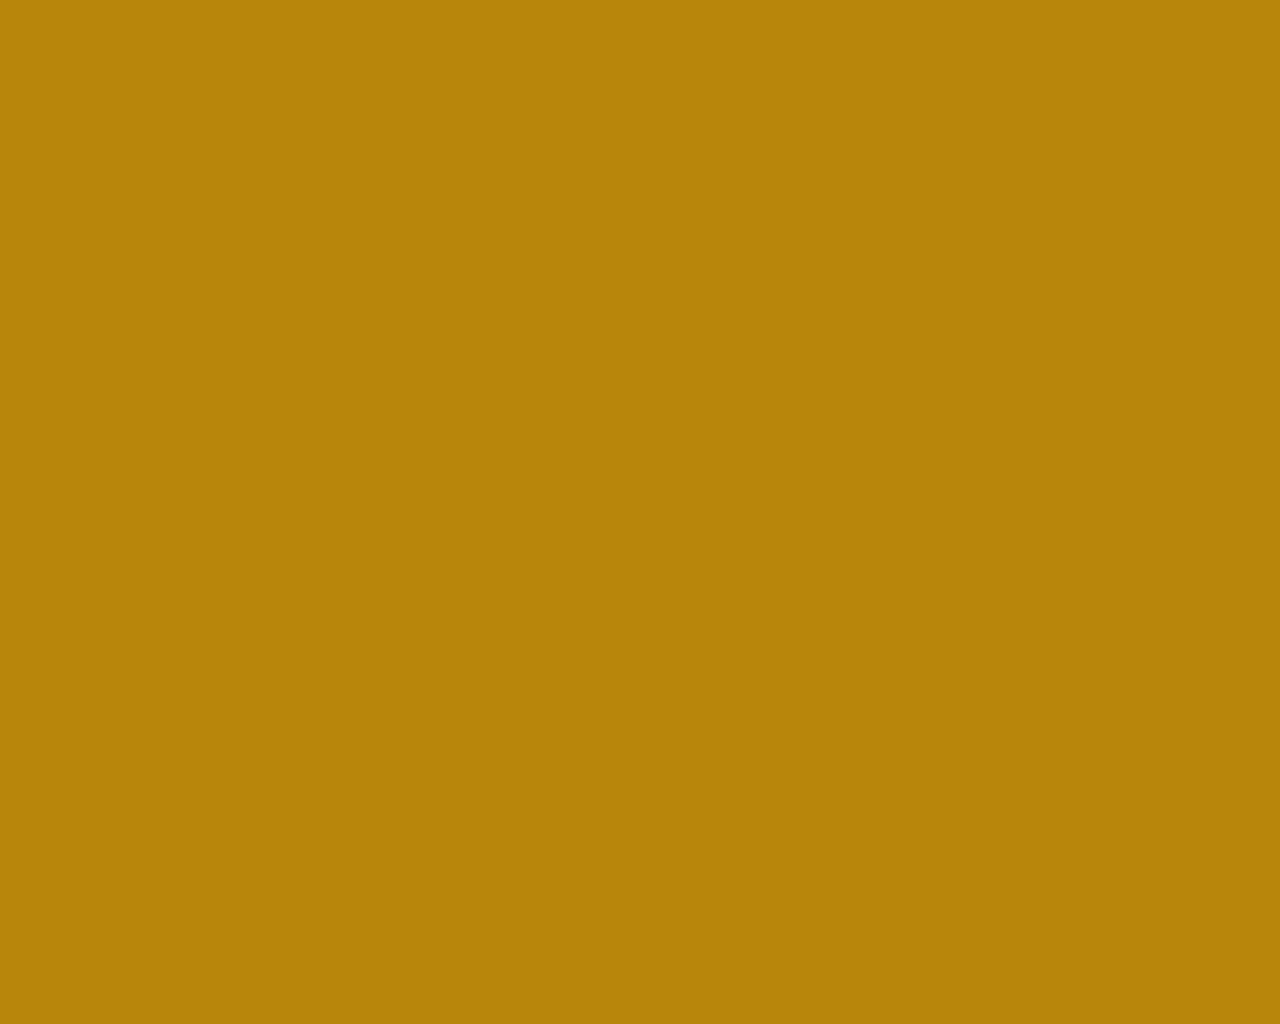 1280x1024 Dark Goldenrod Solid Color Background